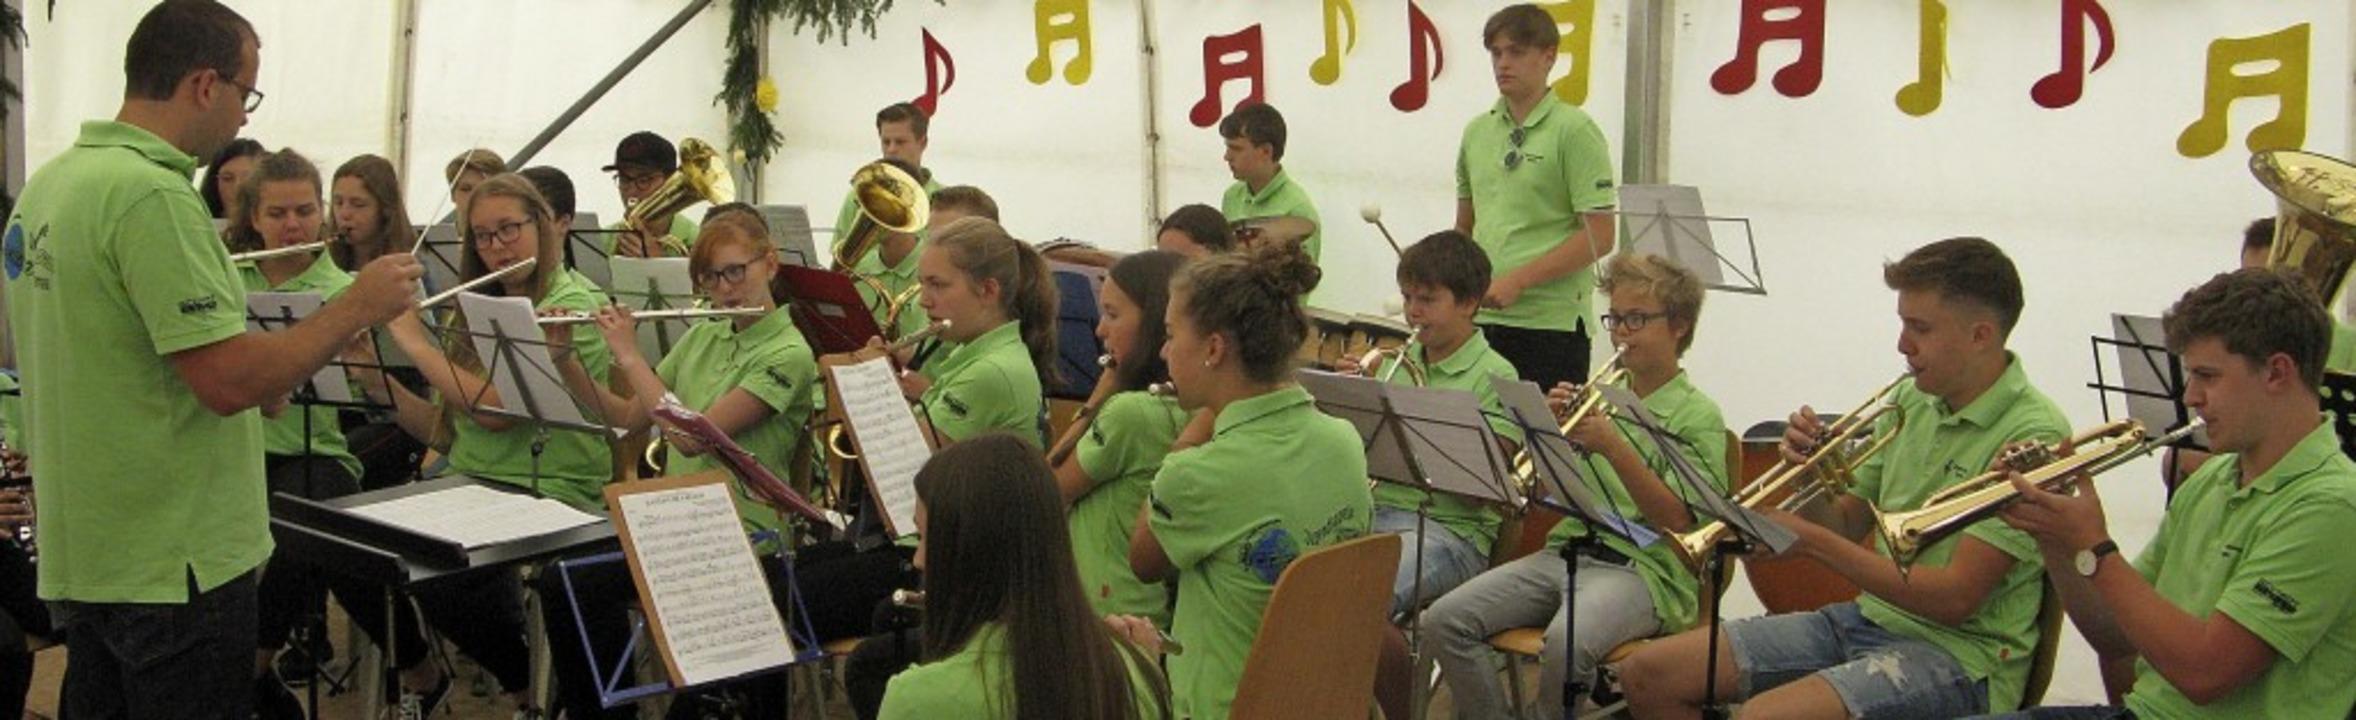 Auch die Bernauer Jugendkapelle hat di...äste im Zelt musikalisch unterhalten.   | Foto: Ulrike Spiegelhalter